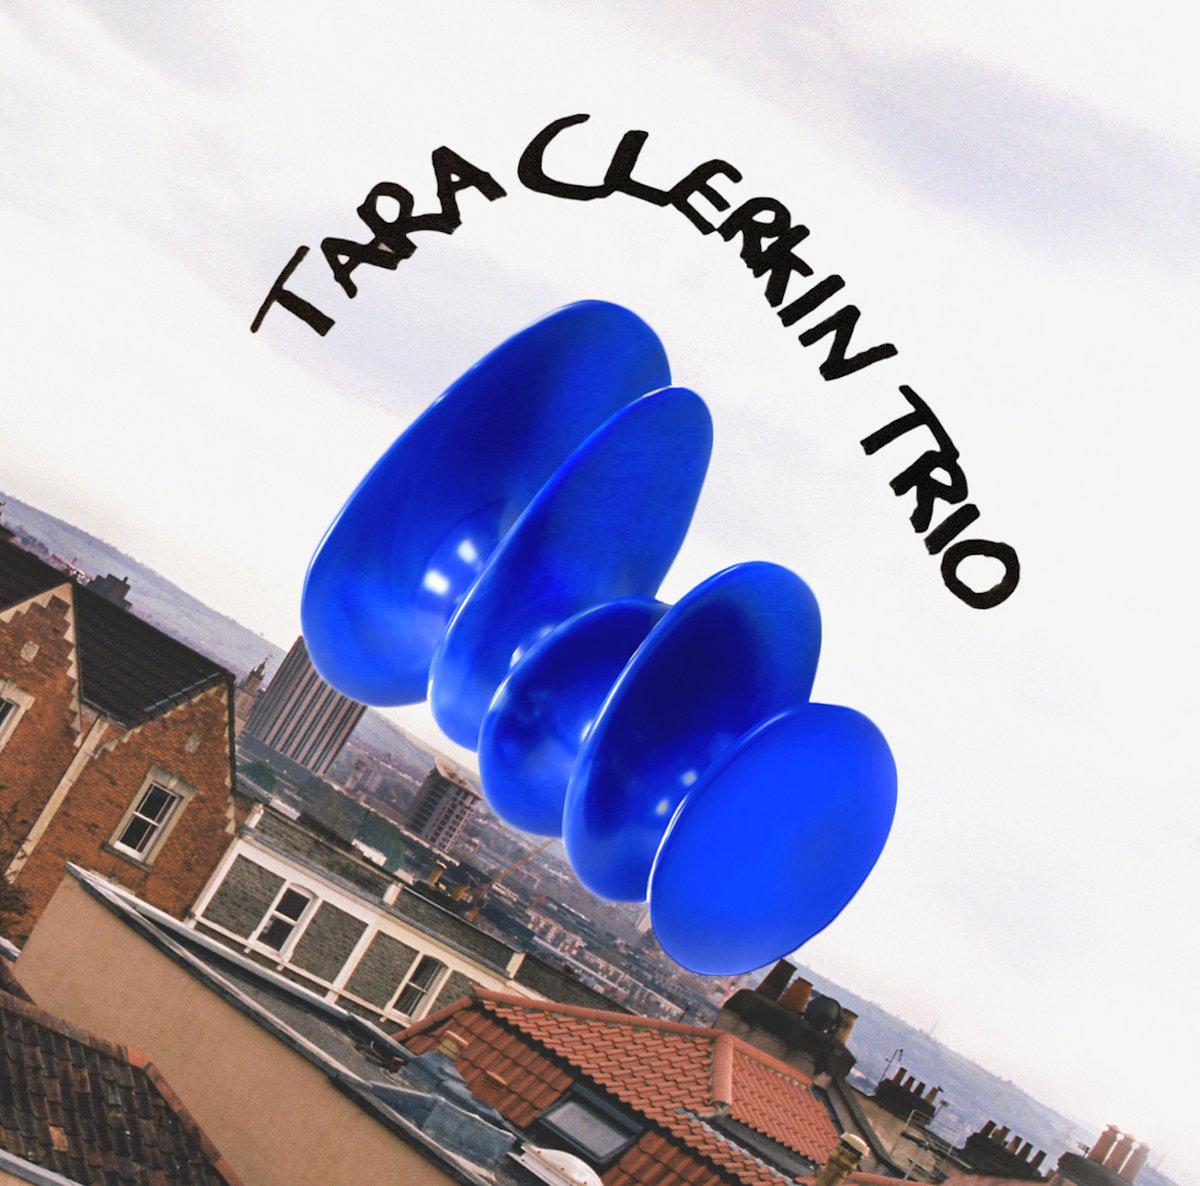 Tara Clerkin Trio - Tara Clerkin Trio (Album Cover)